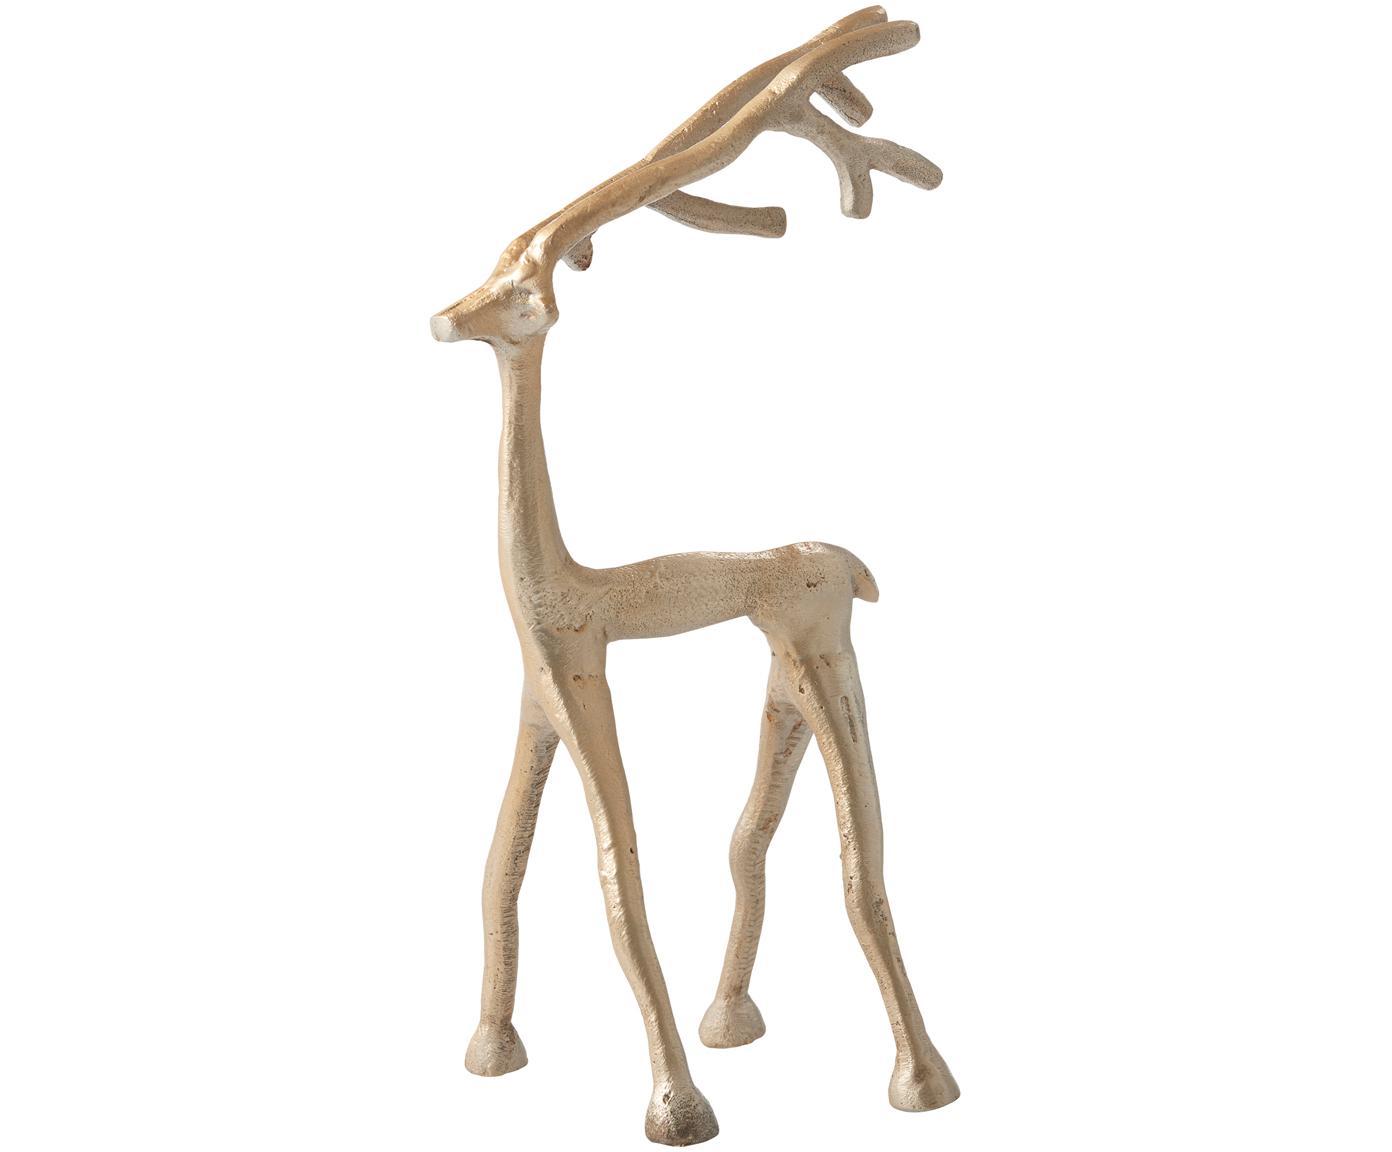 Dekoracja Marley Reindeer, Aluminium powlekane, Odcienie mosiądzu, S 14 x W 27 cm